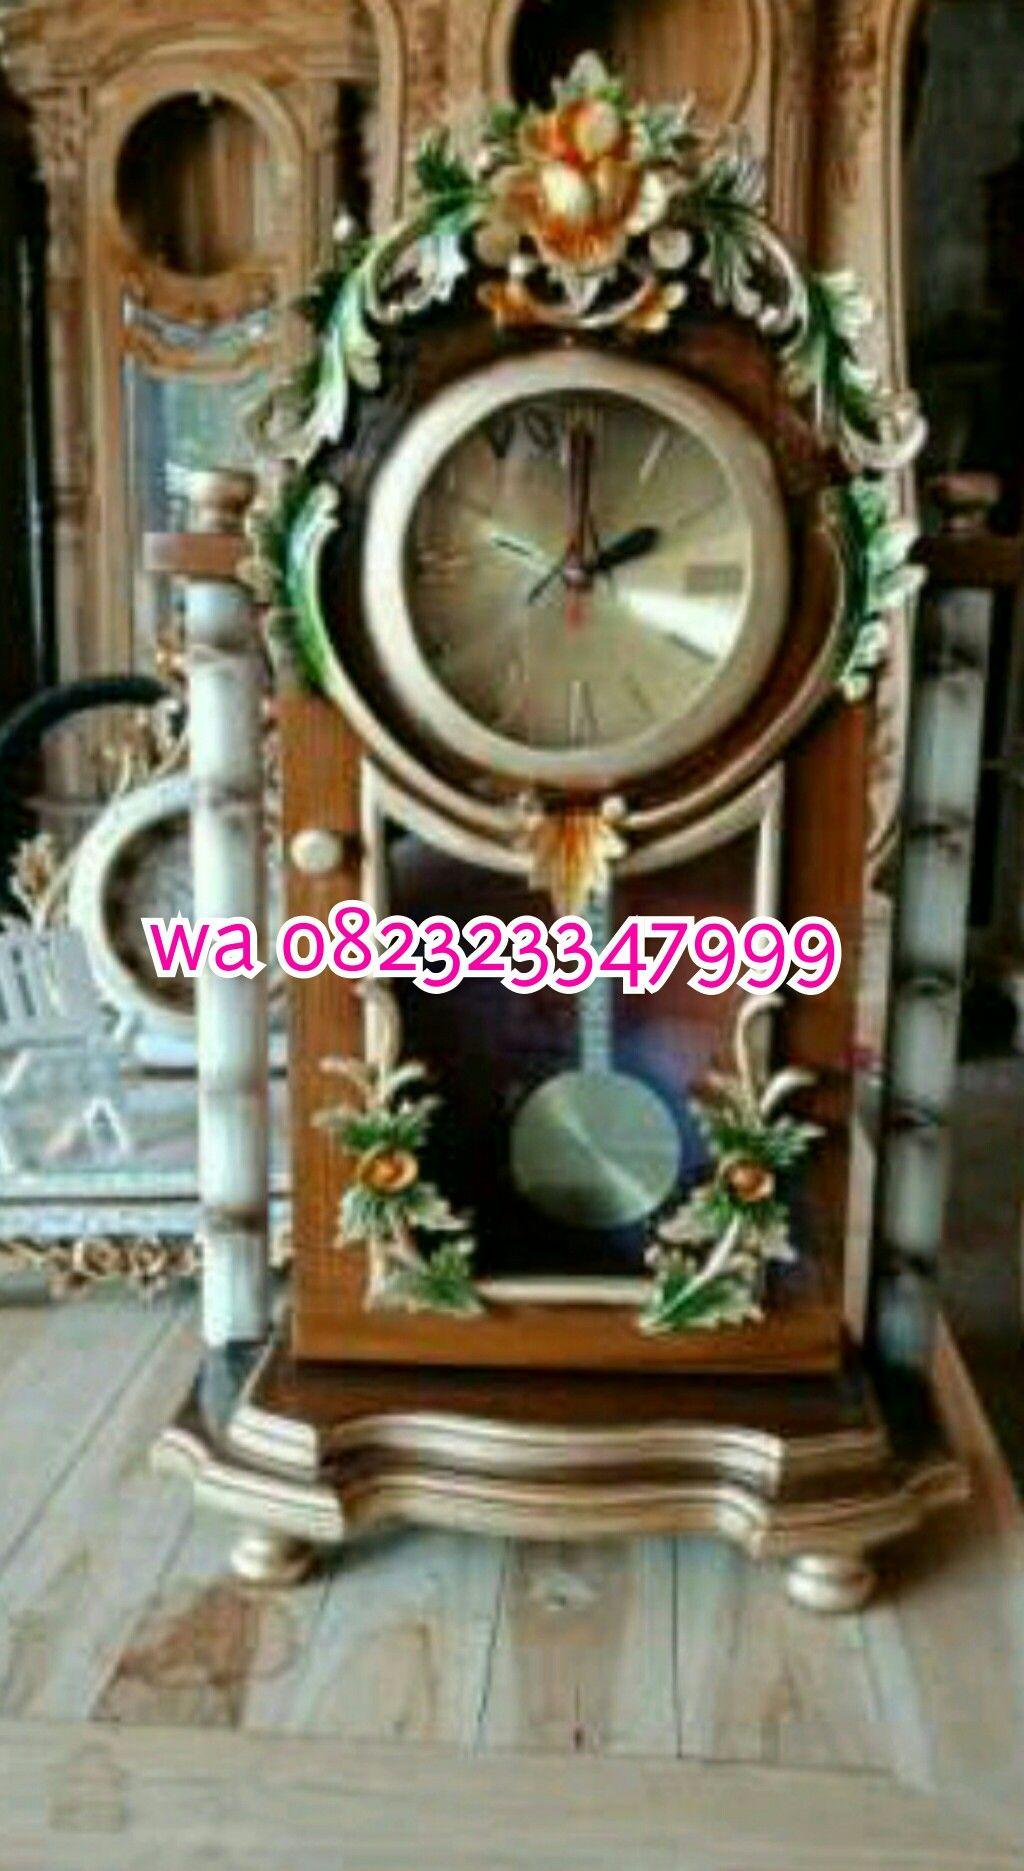 Jam unik f705b81d43